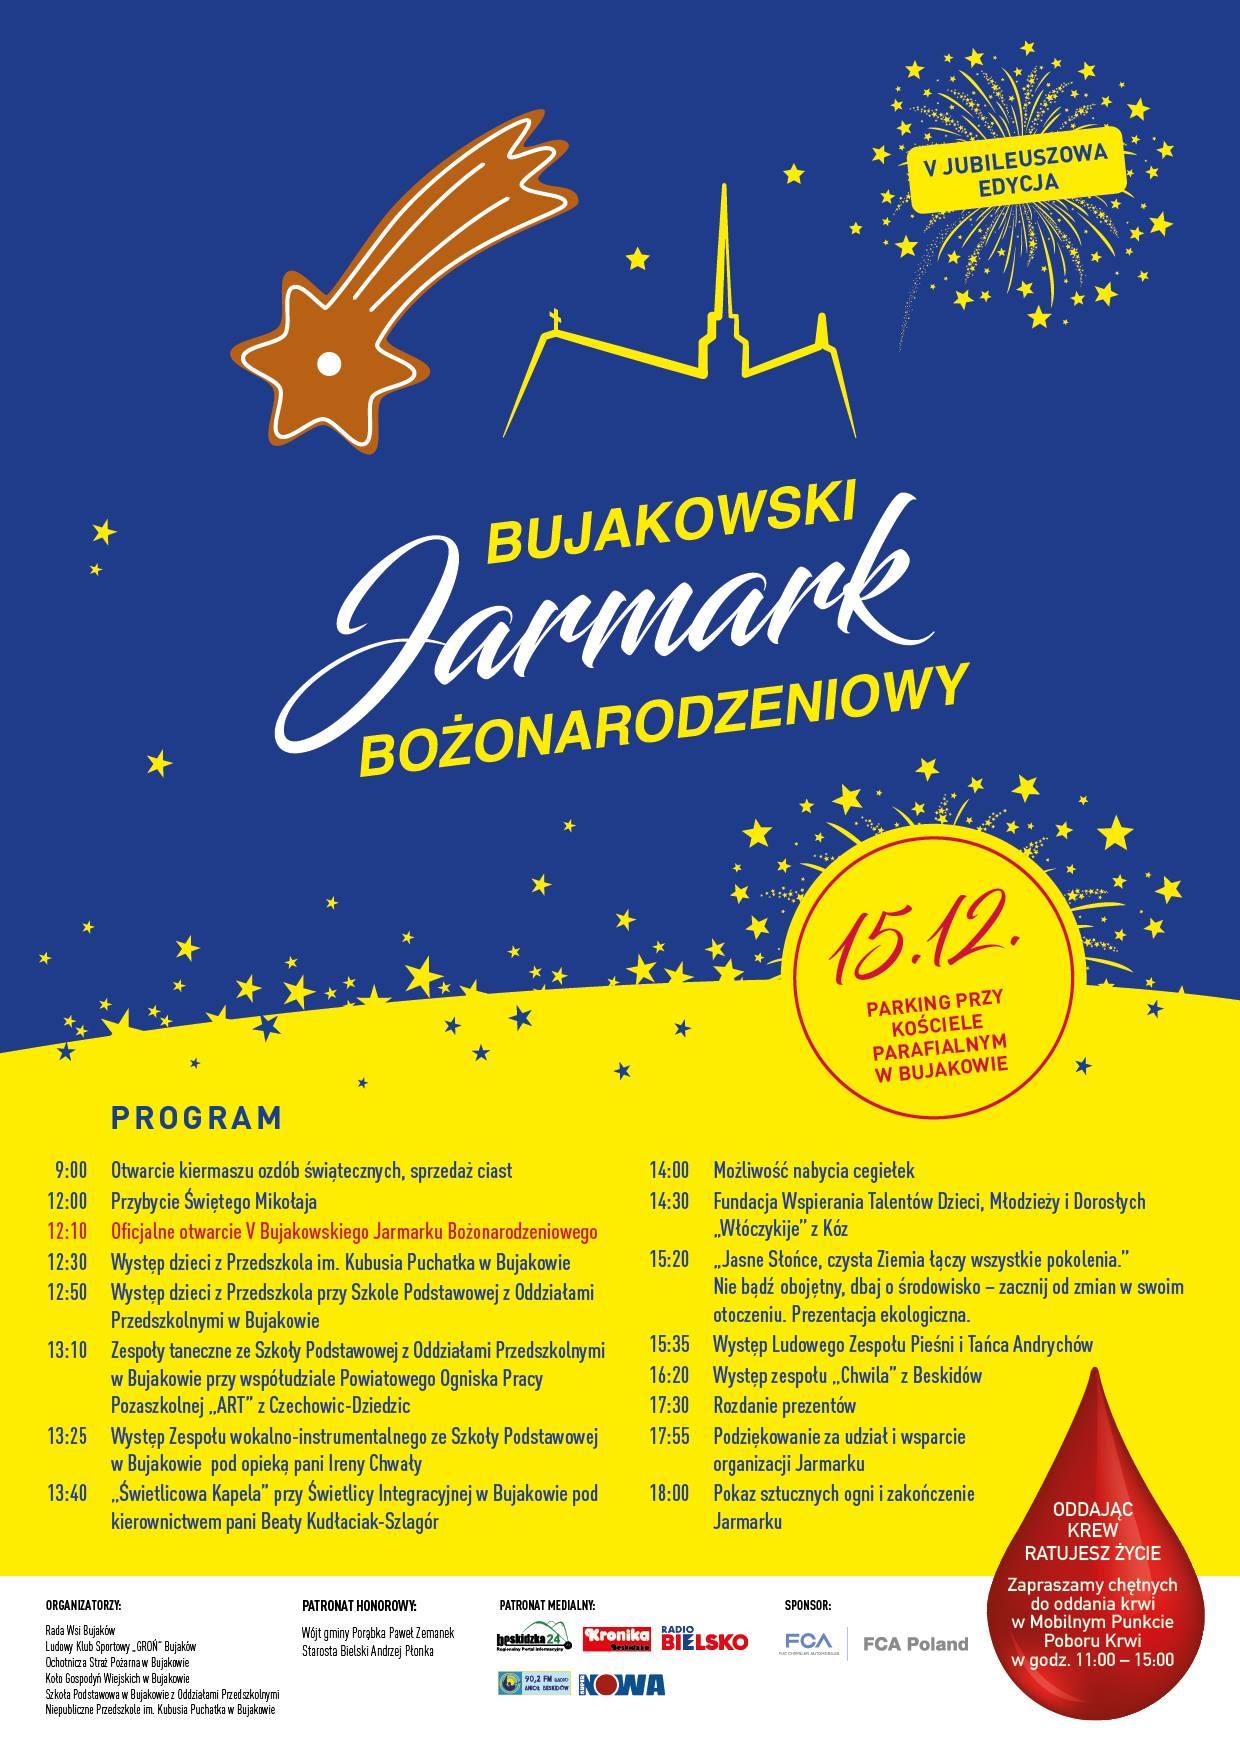 Bujakowski Jarmark Bożonarodzeniowy